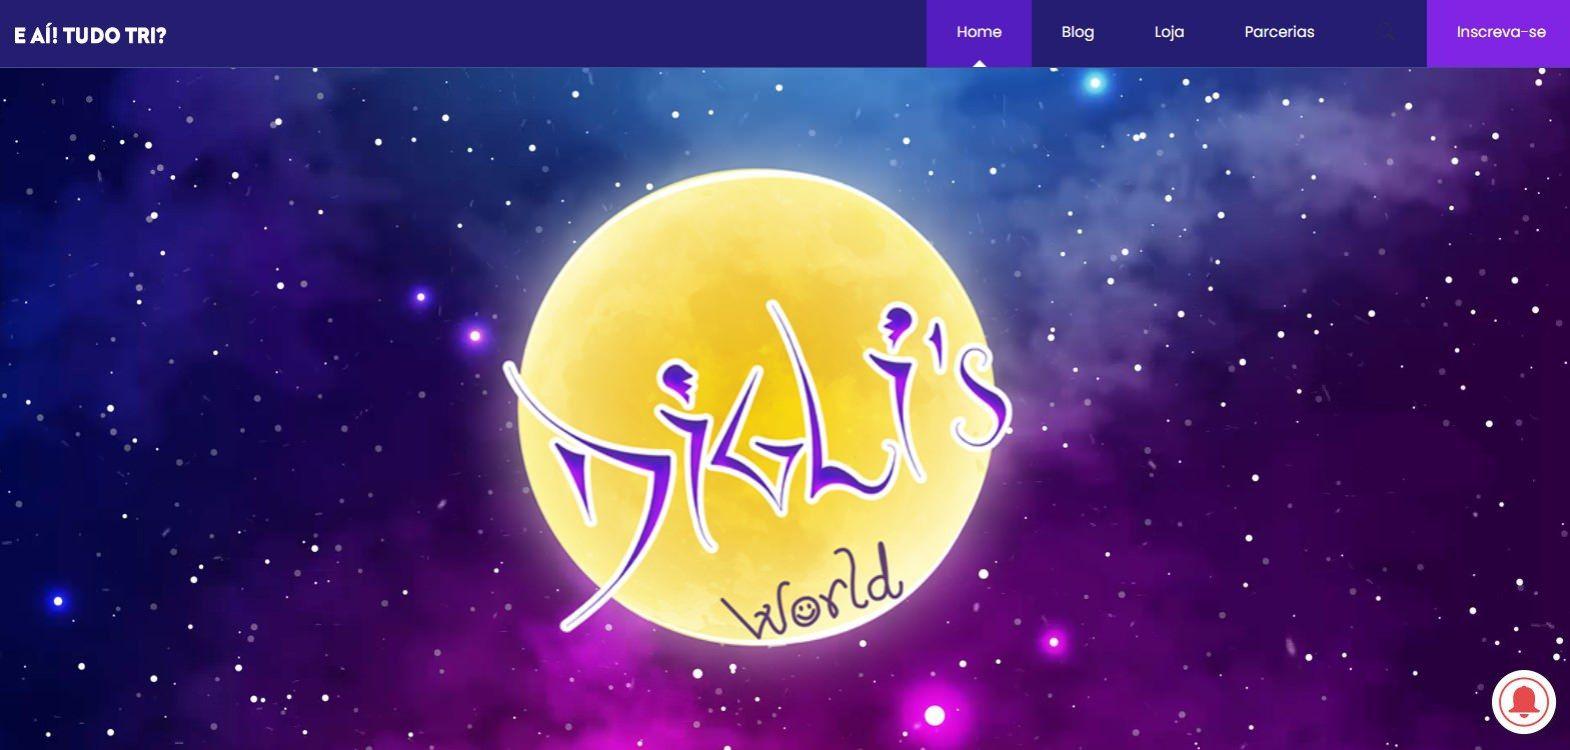 Site do casal DigLi